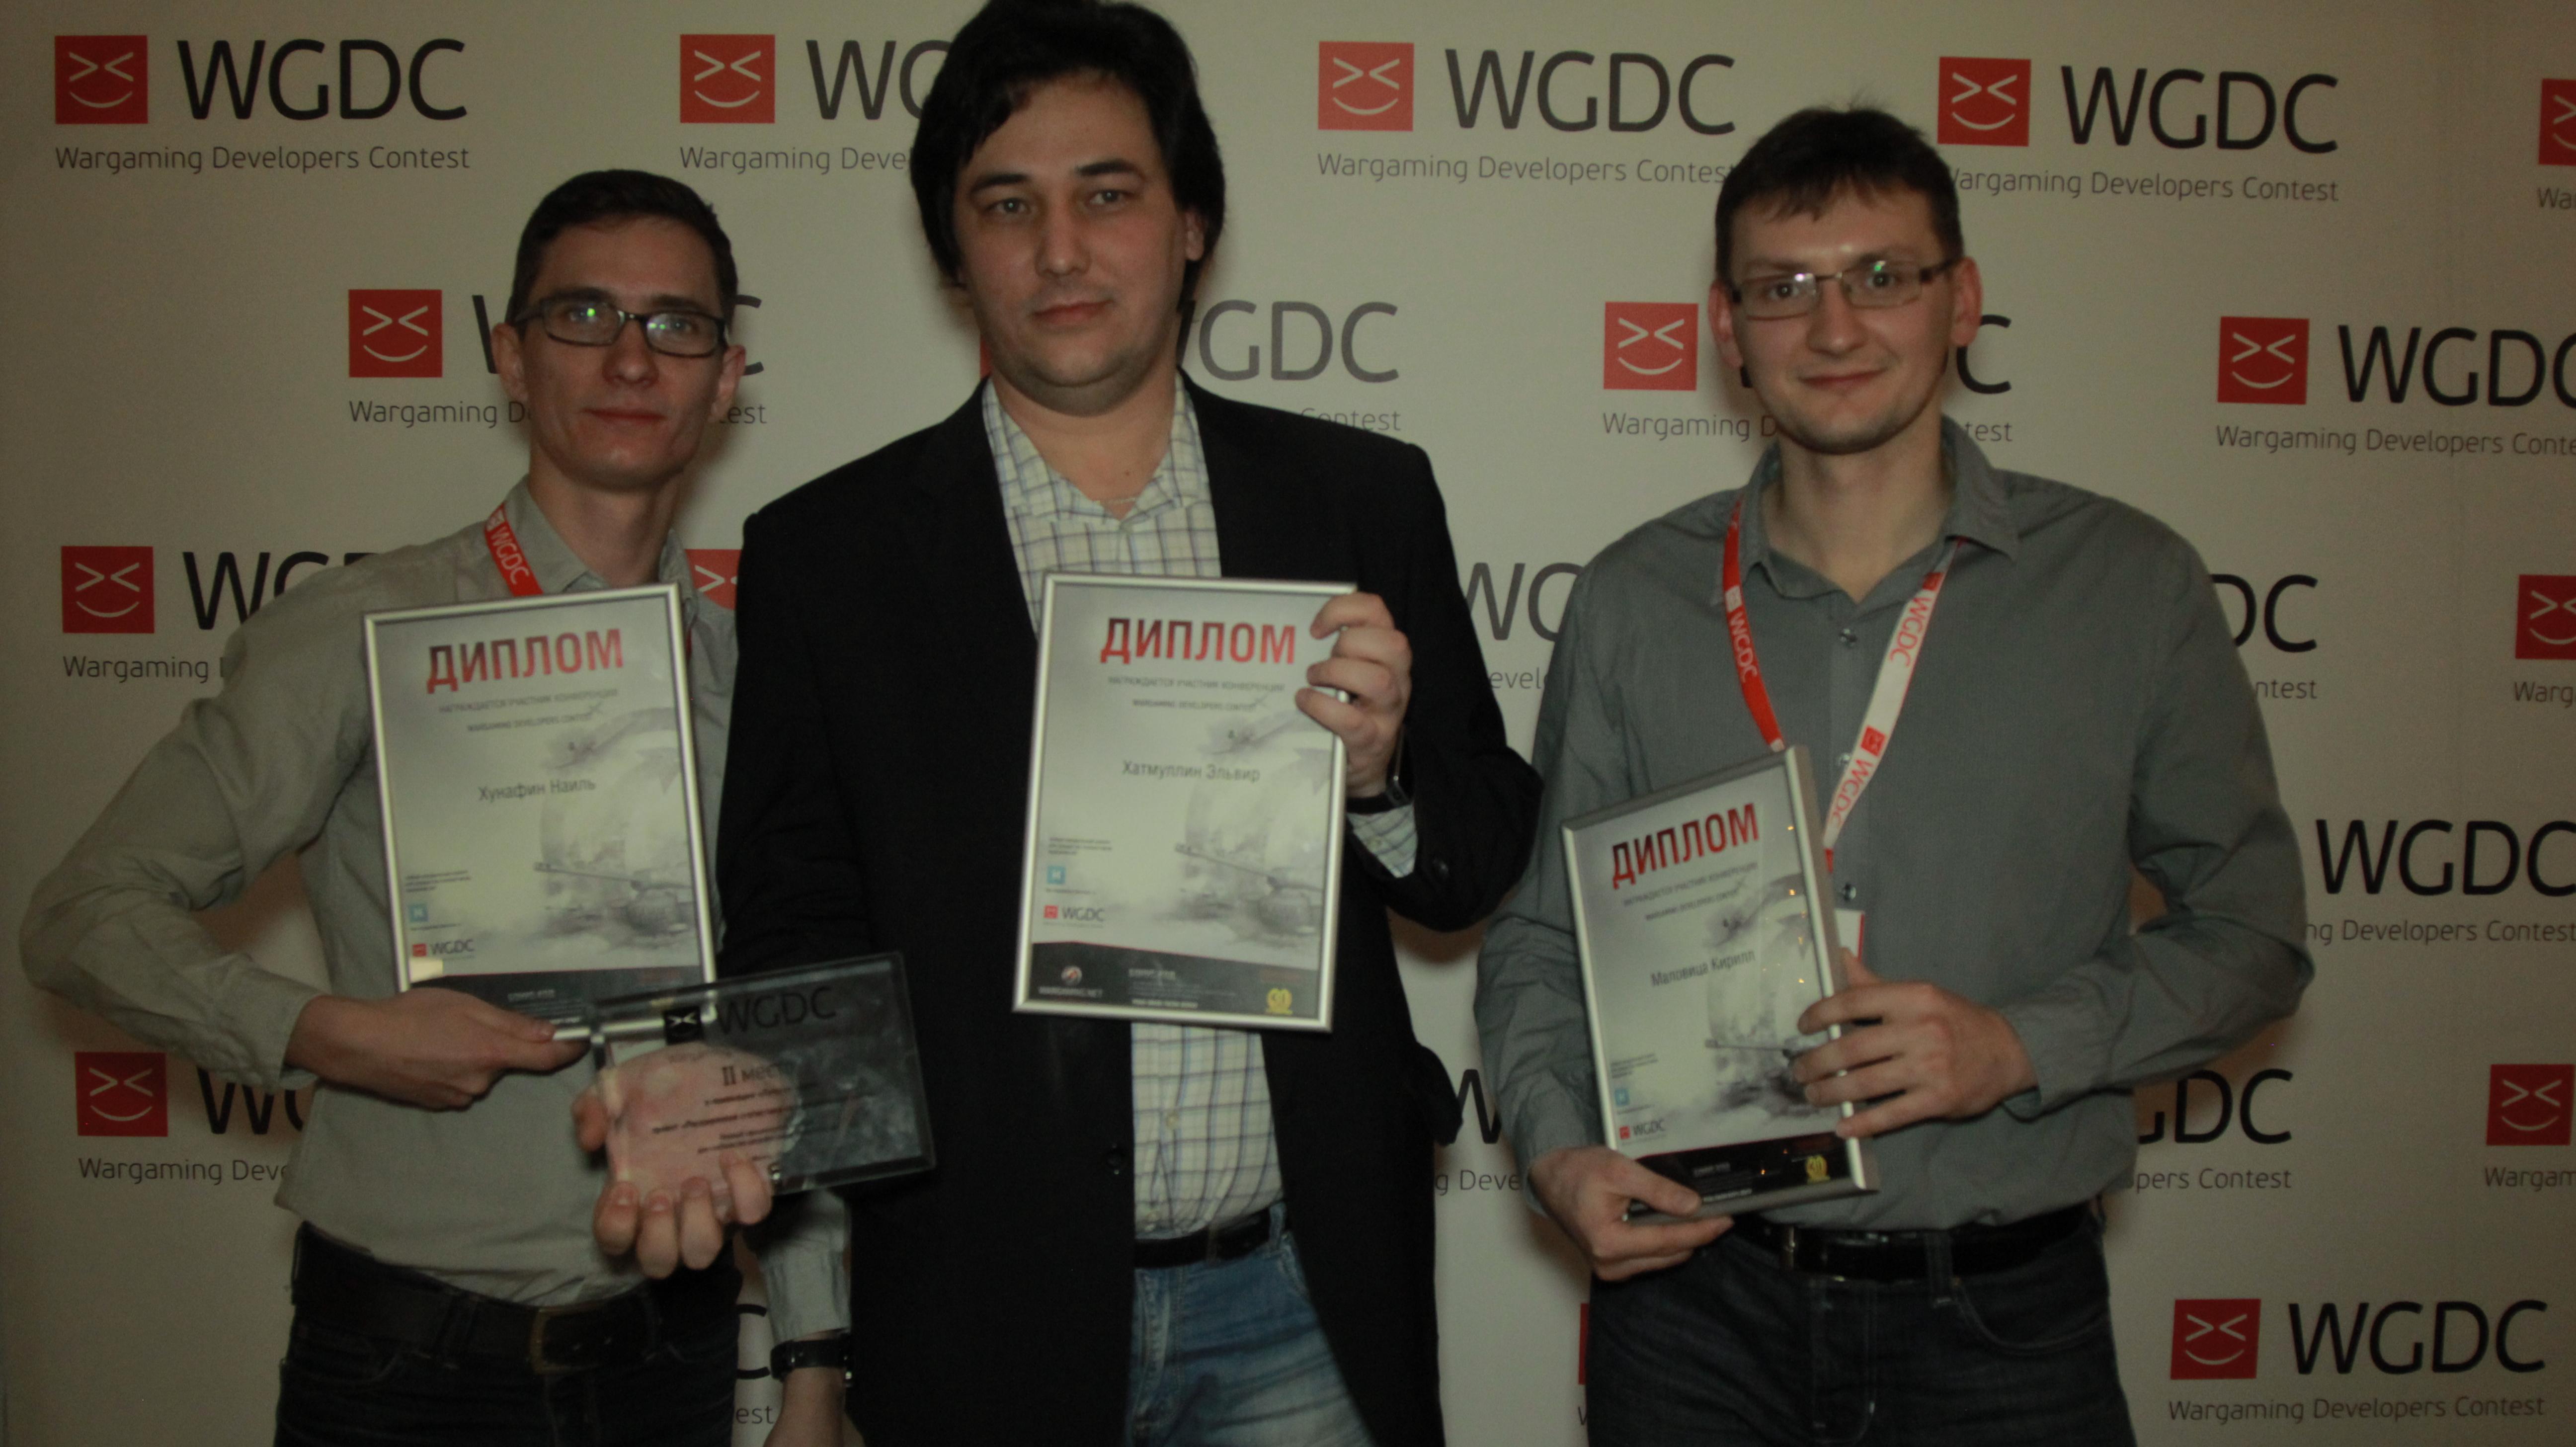 WGN_Photos_WGDC_Conference_Image_31